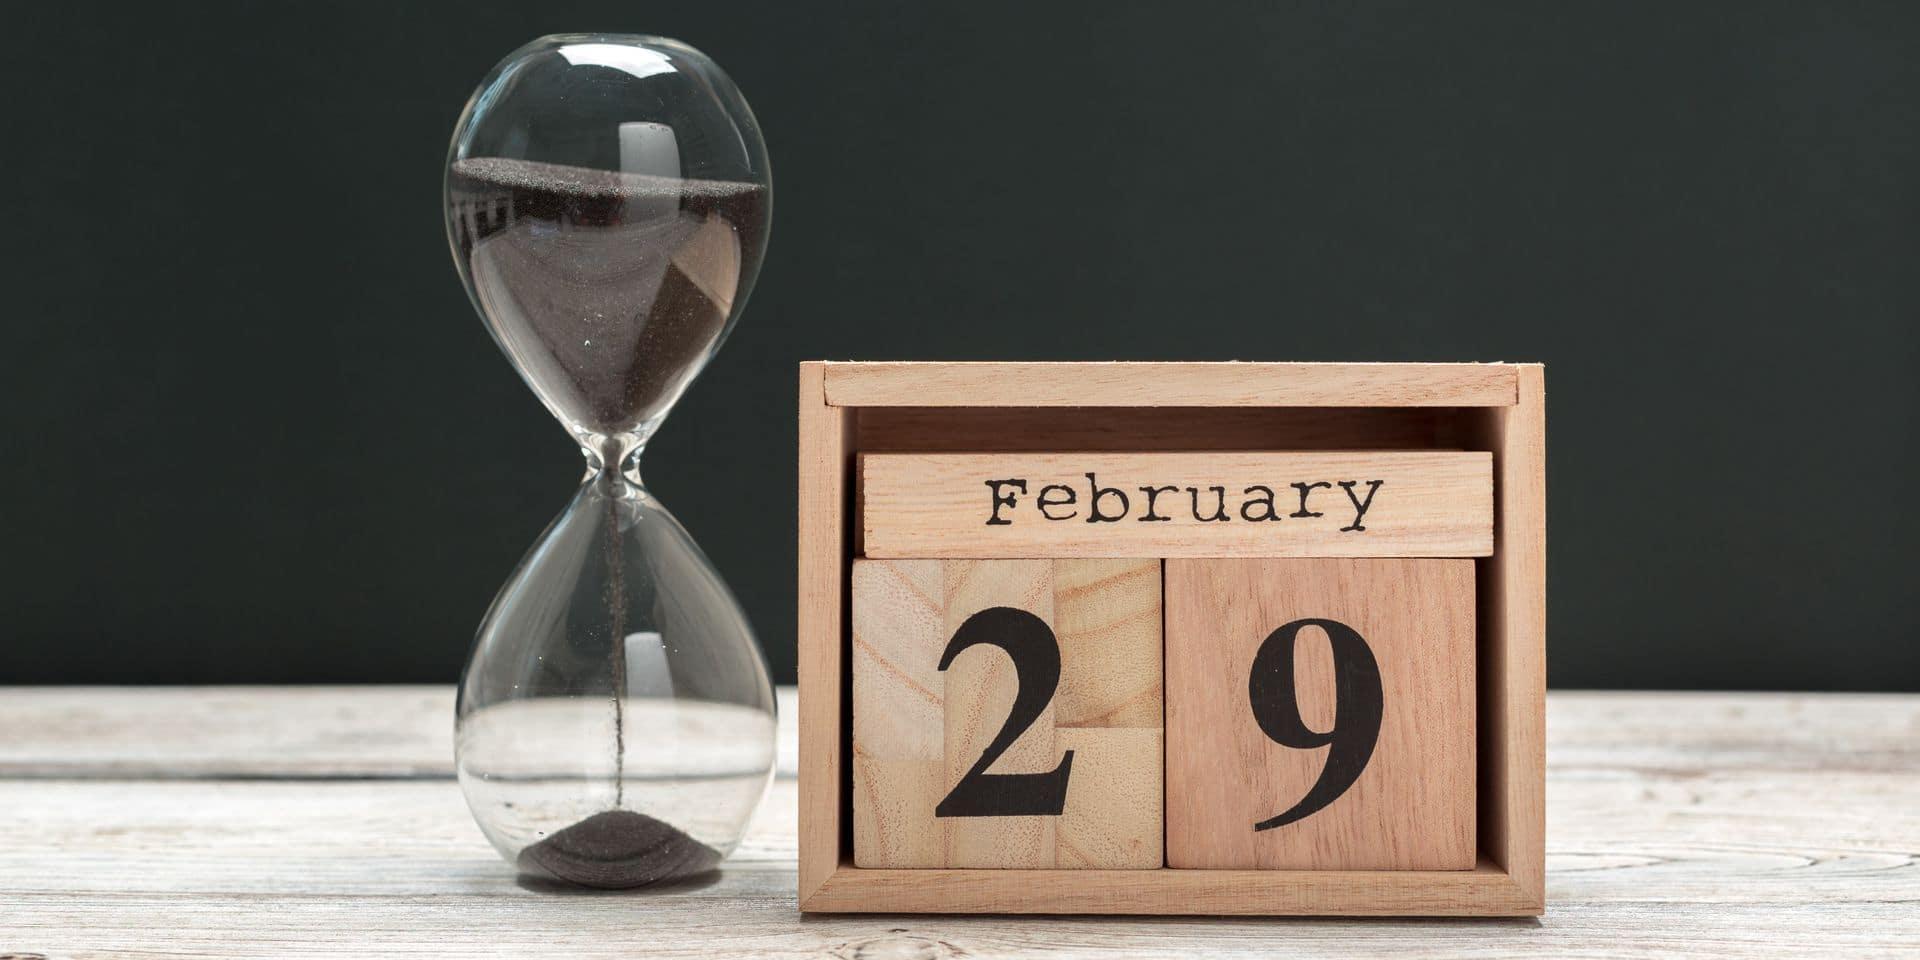 Le 29 février, un jour de plus pour enrayer la dérive des saisons